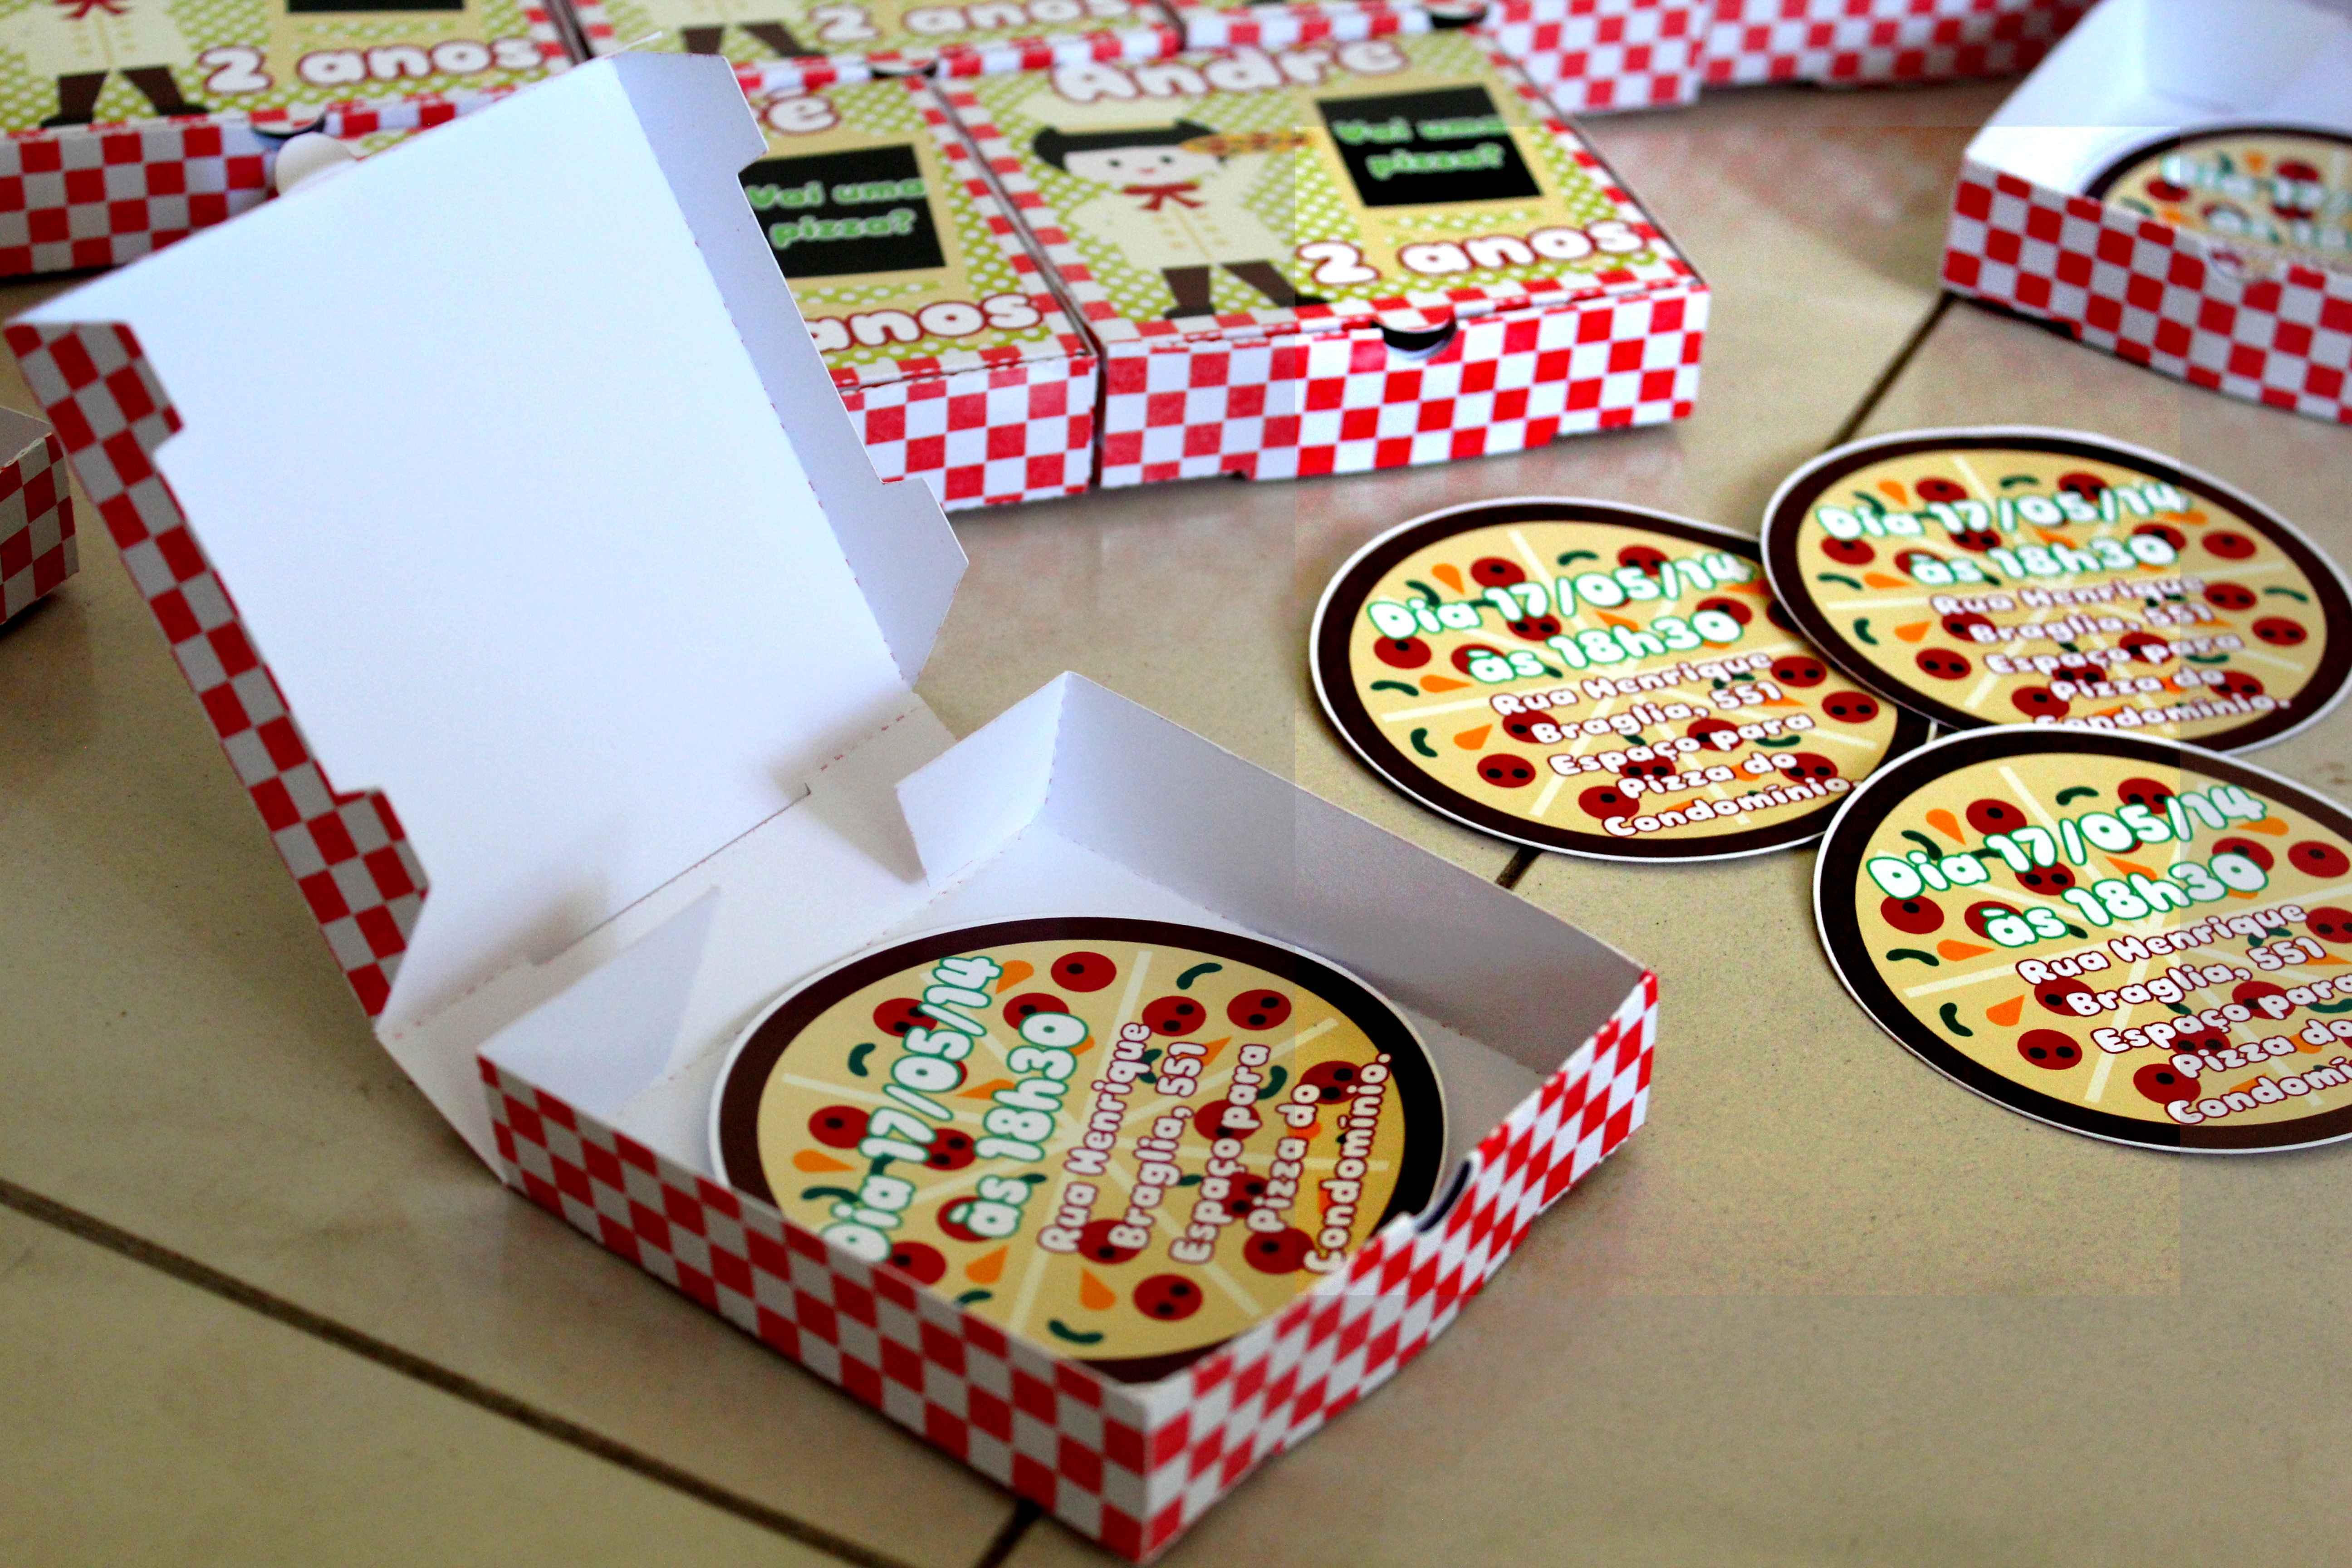 Convite pizza lugar incomum elo7 for Pizza original